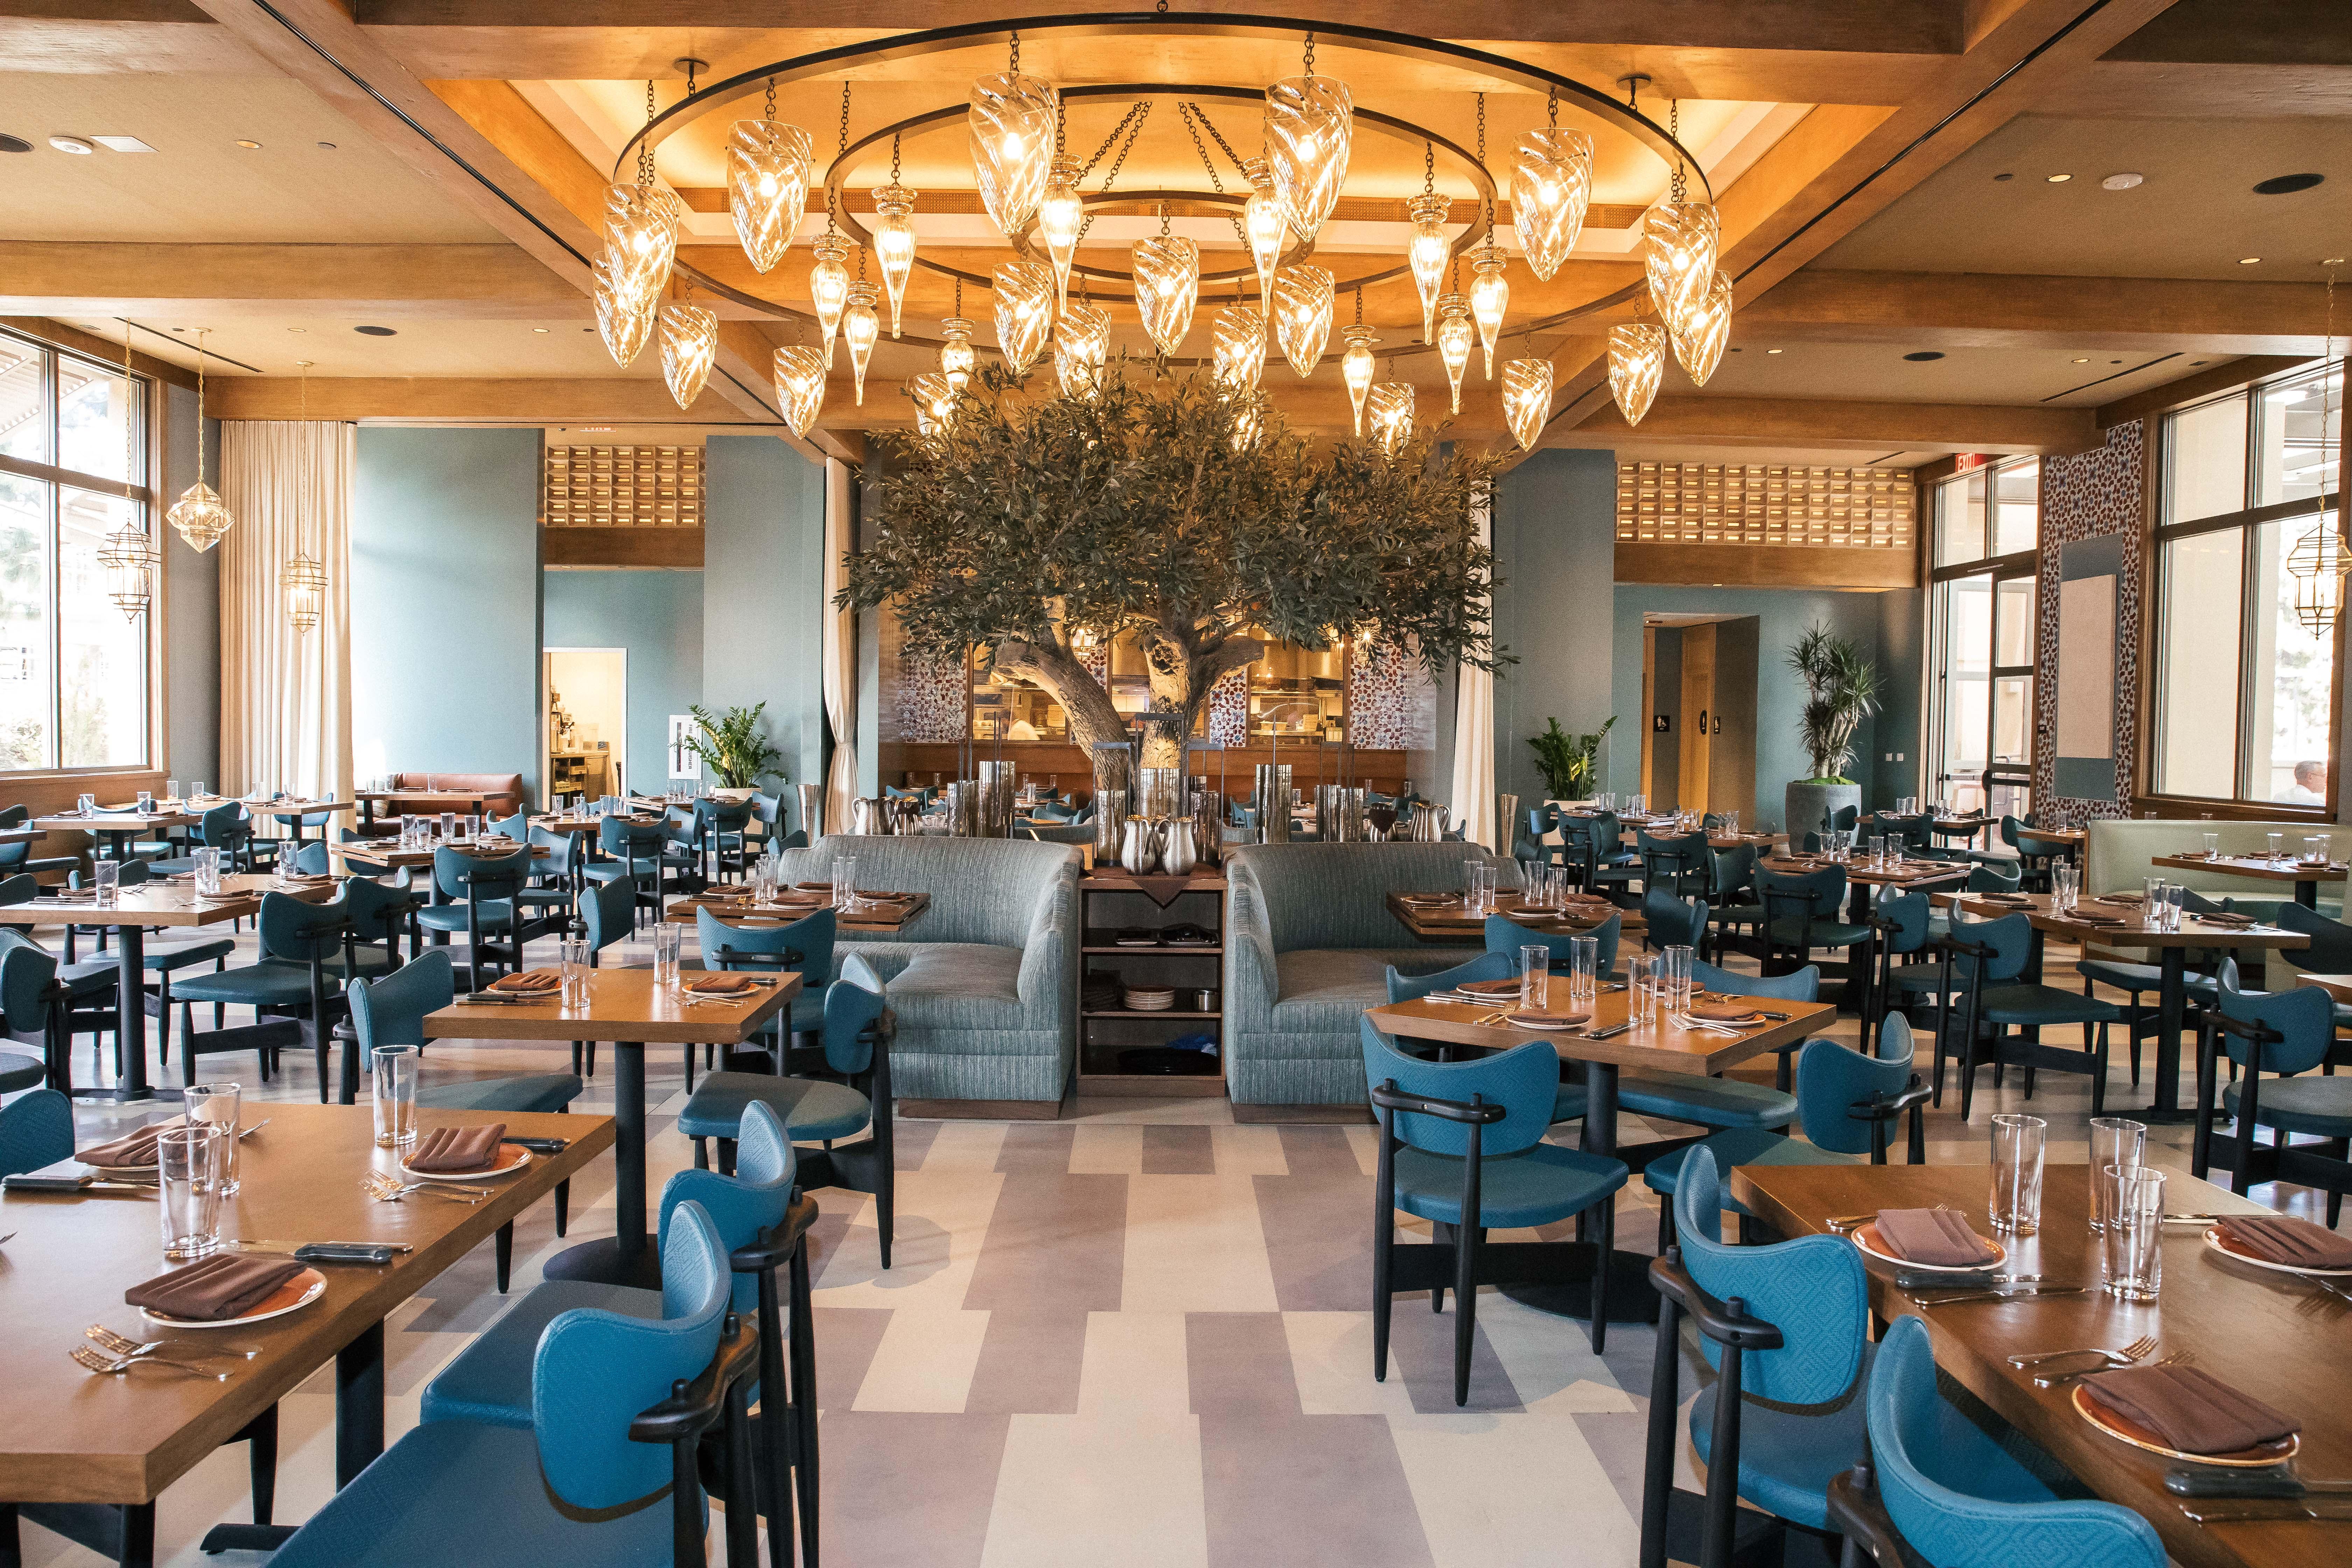 La Jolla Best Mexican Restaurant